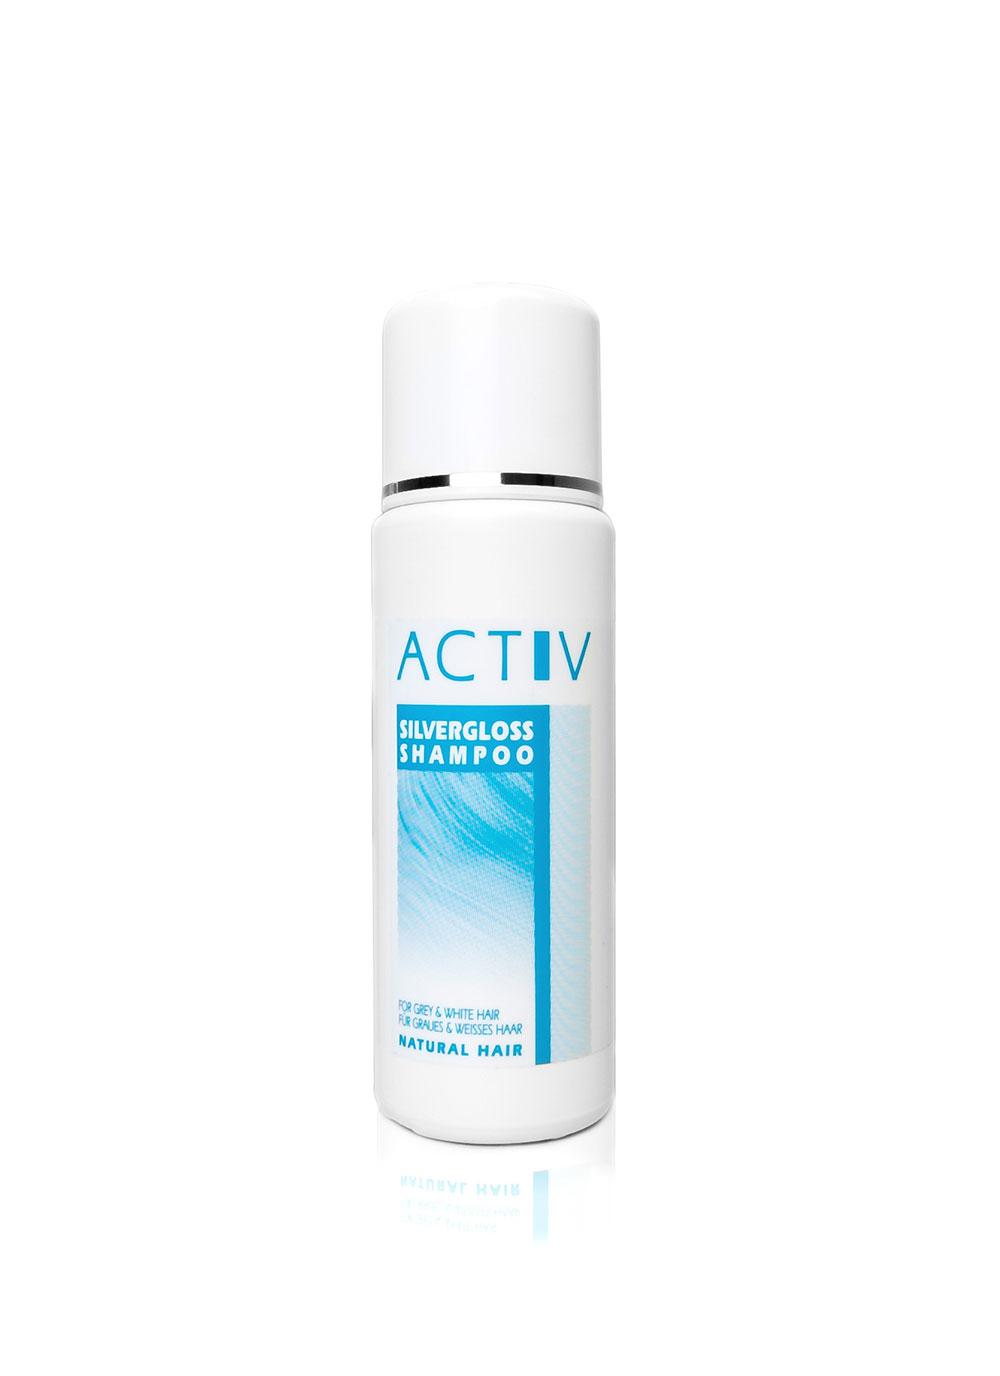 GFH Zubehör -  Activ Silvergloss Shampoo Echthaar 250ml